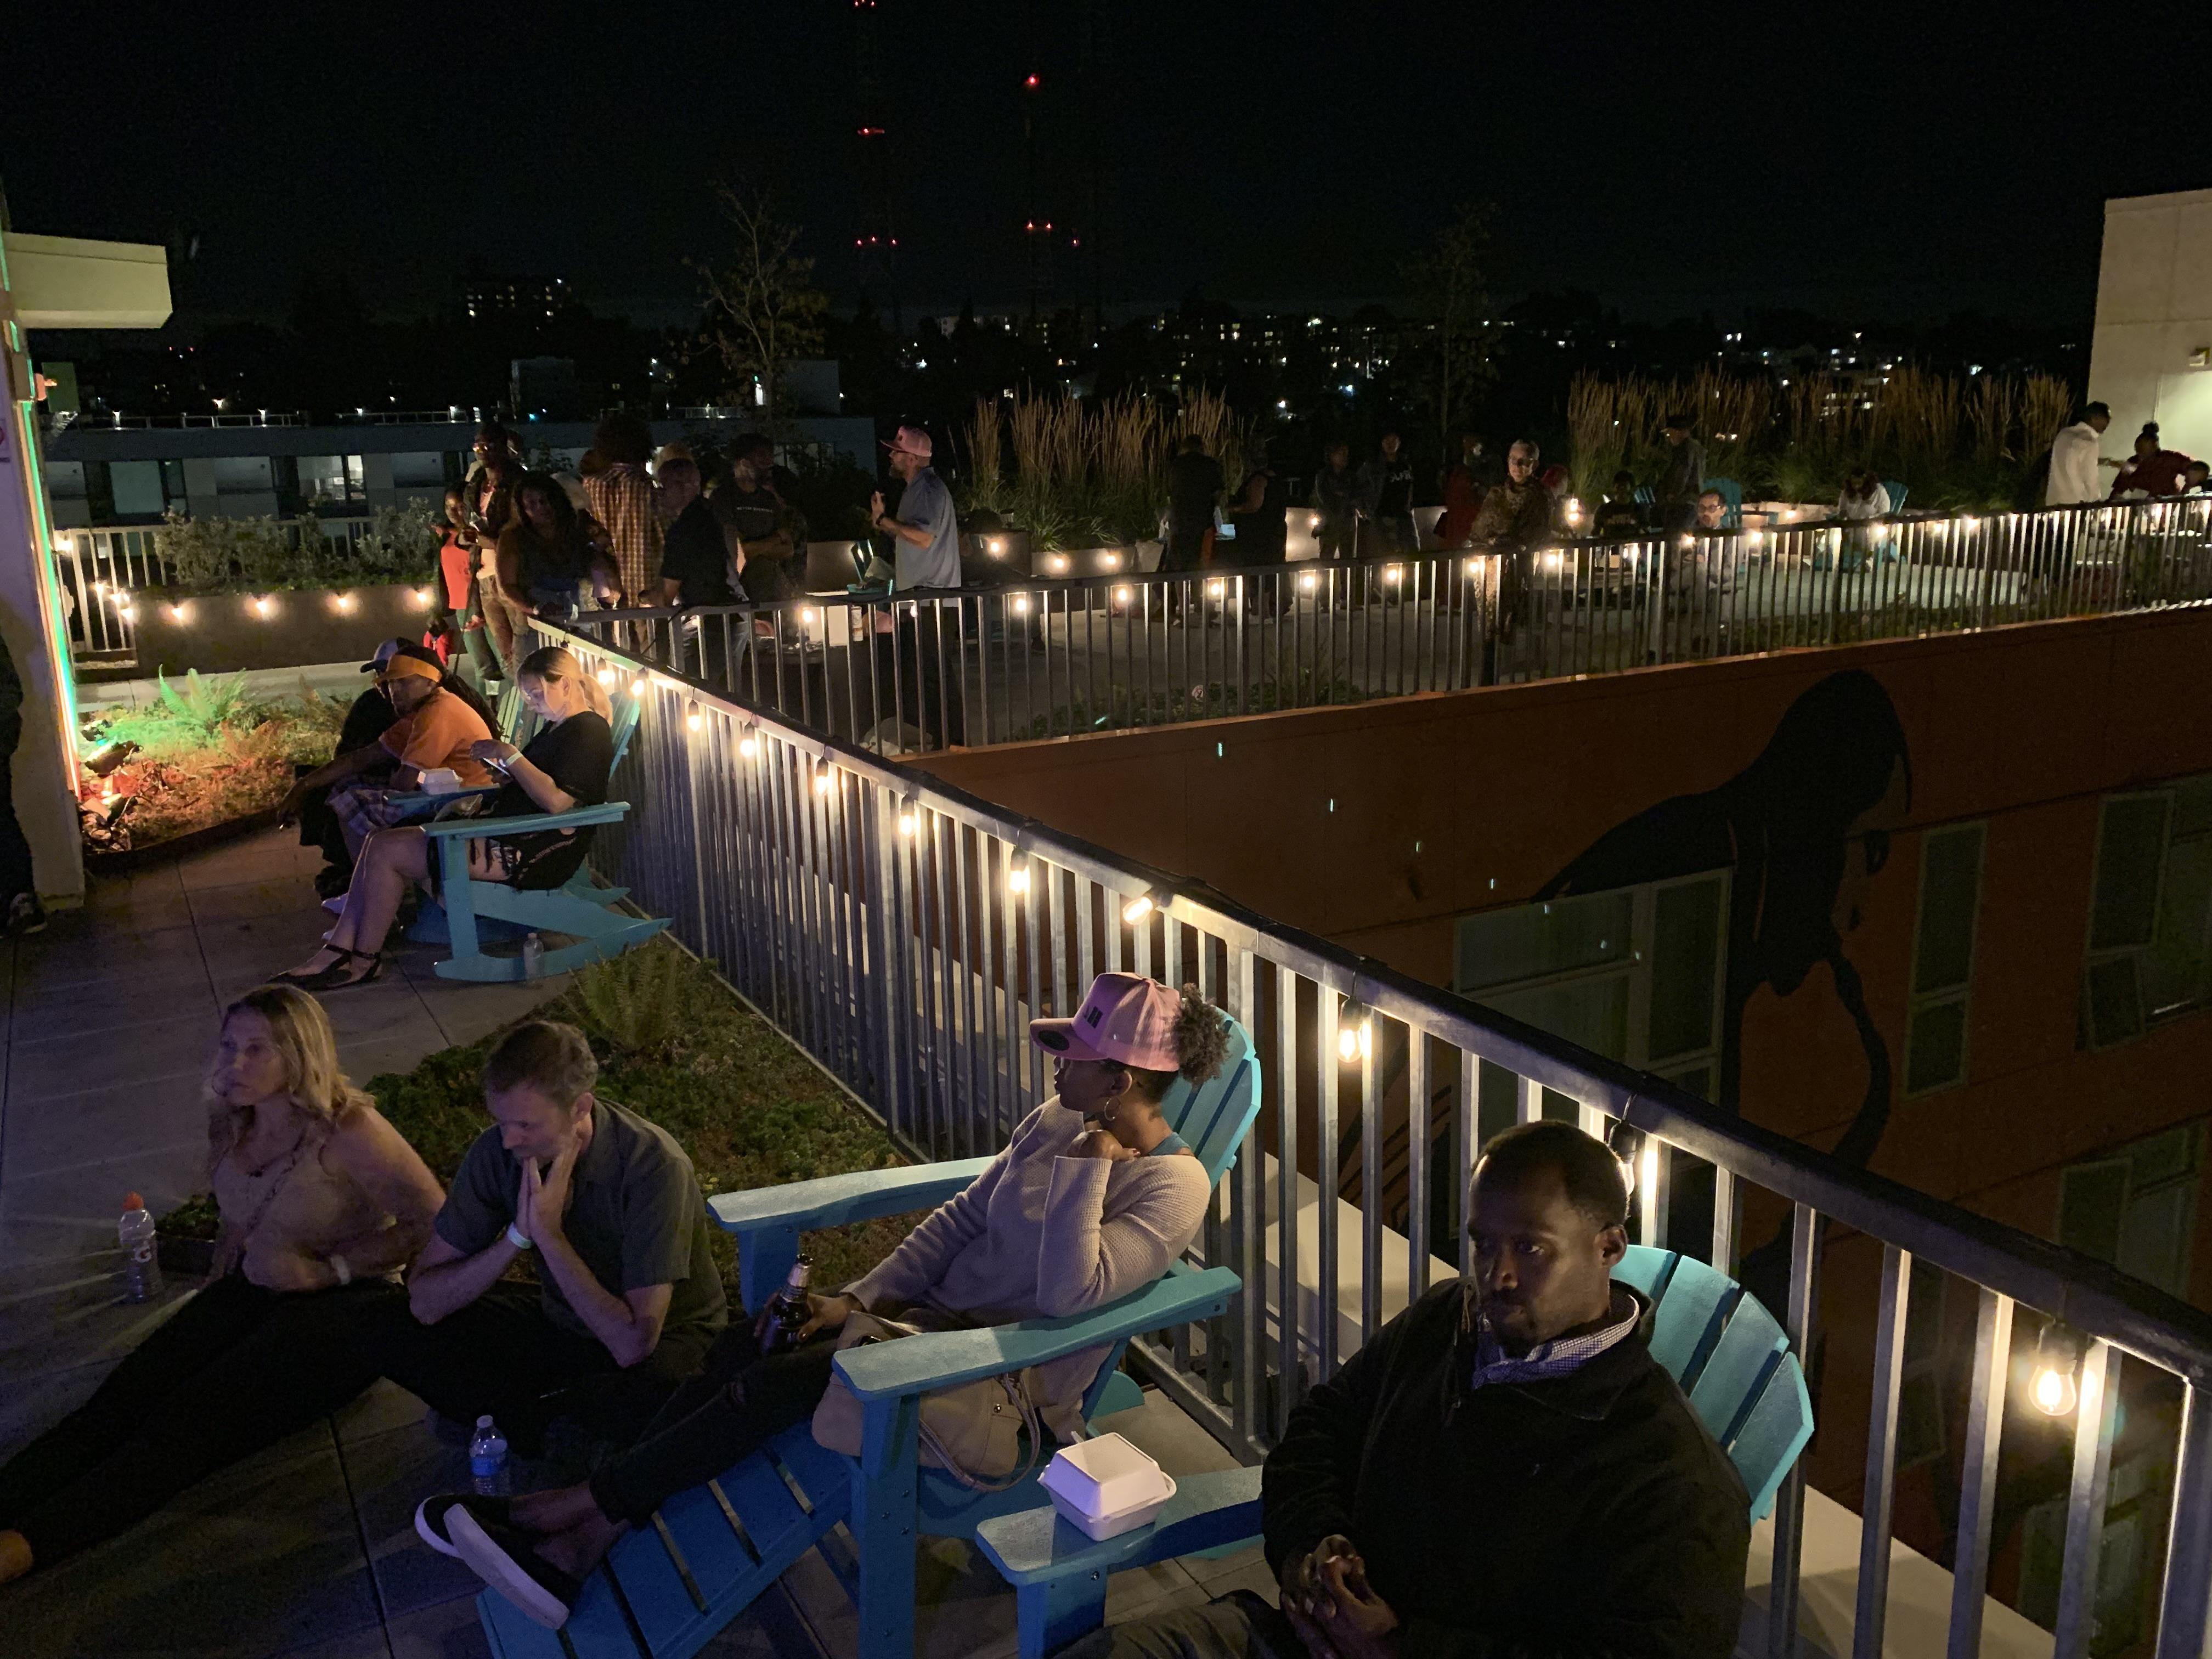 Rooftop scene